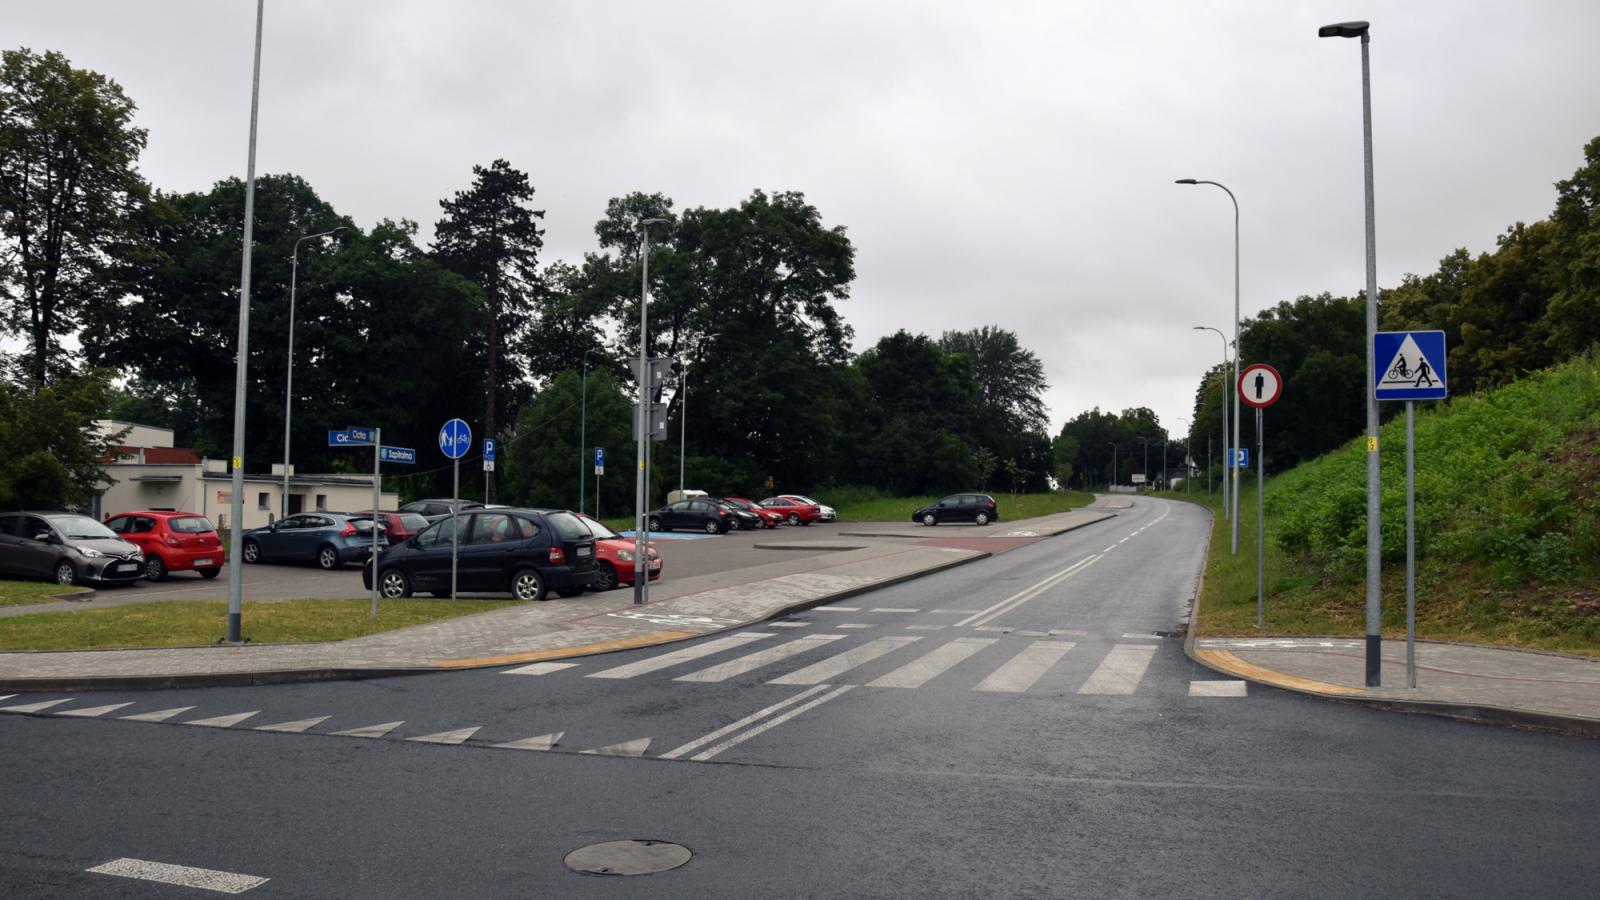 Skrzyżowanie ulicy Cichej i Szpitalnej po remoncie